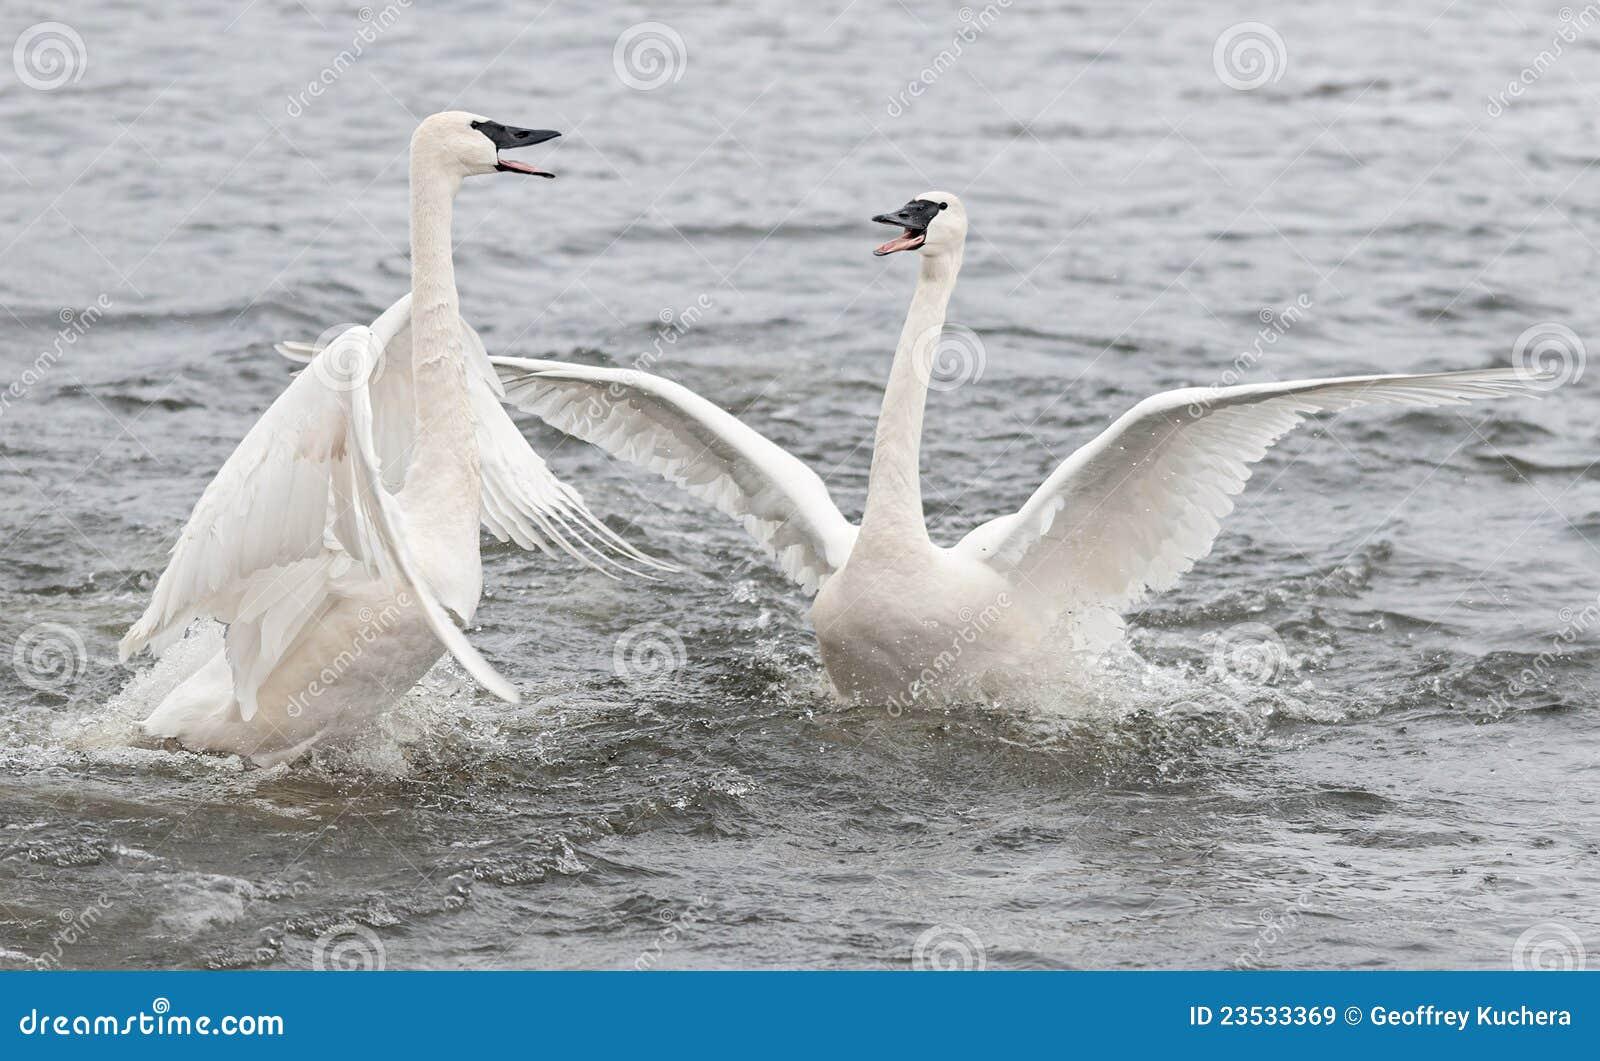 Trumpeter Swan (Cygnus buccinator) Conflict